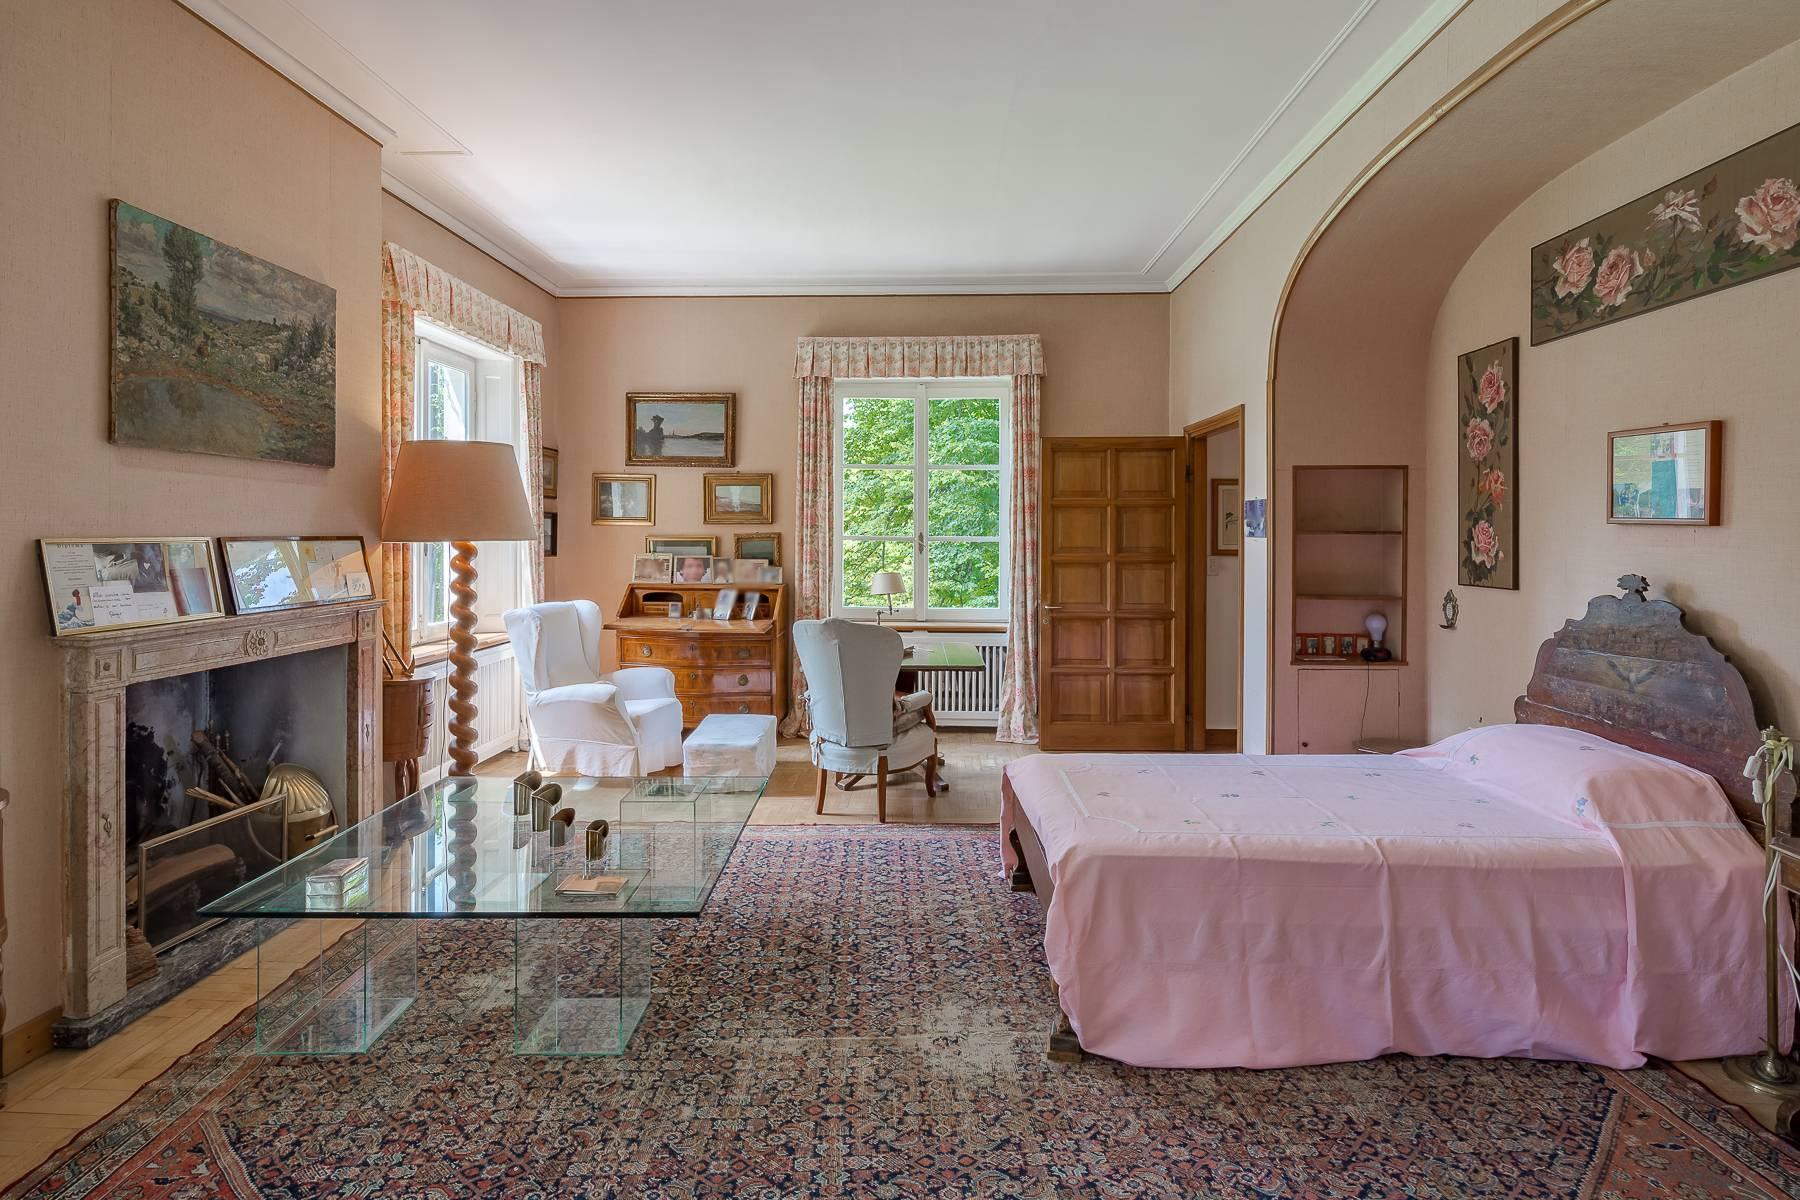 Villa in Vendita a Somma Lombardo: 5 locali, 750 mq - Foto 11